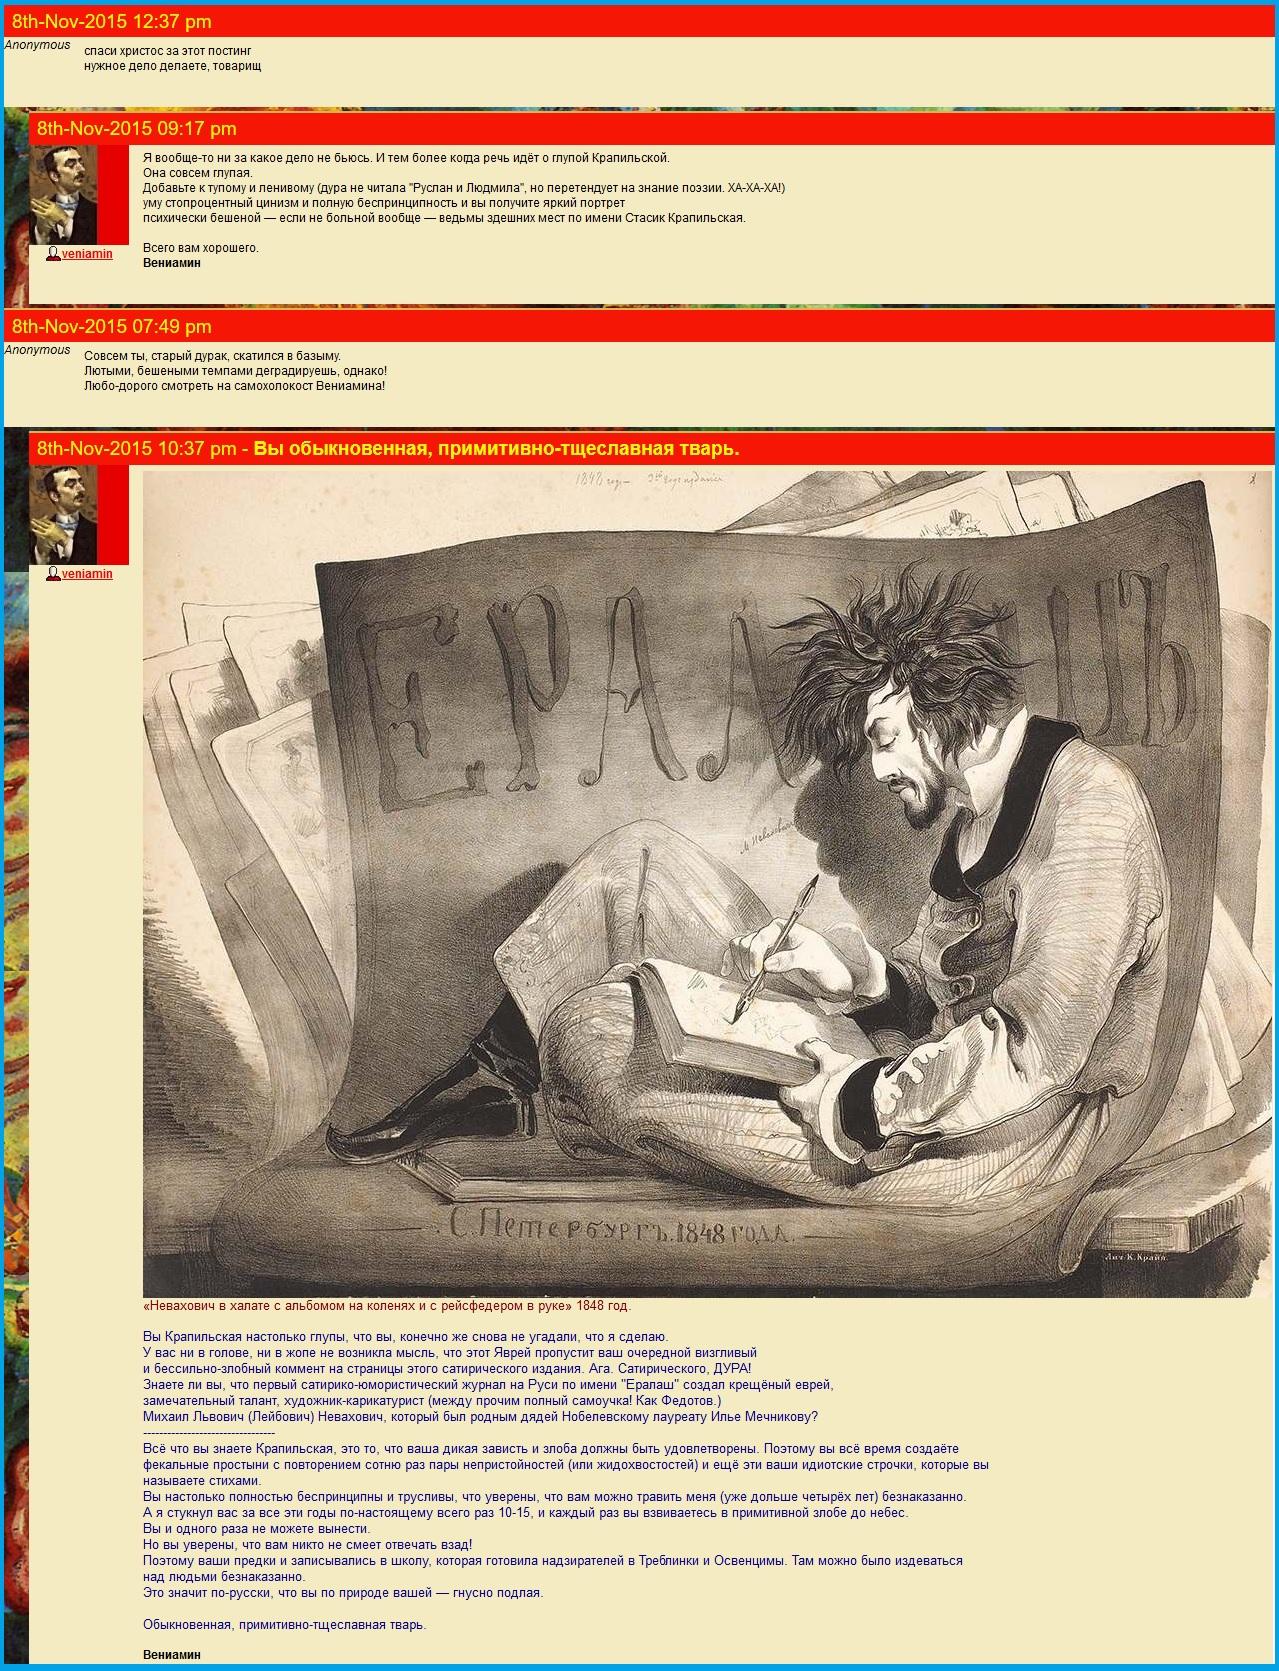 Крапильская и её новый злобный примитив. Невахович М.Л. и его портретка.